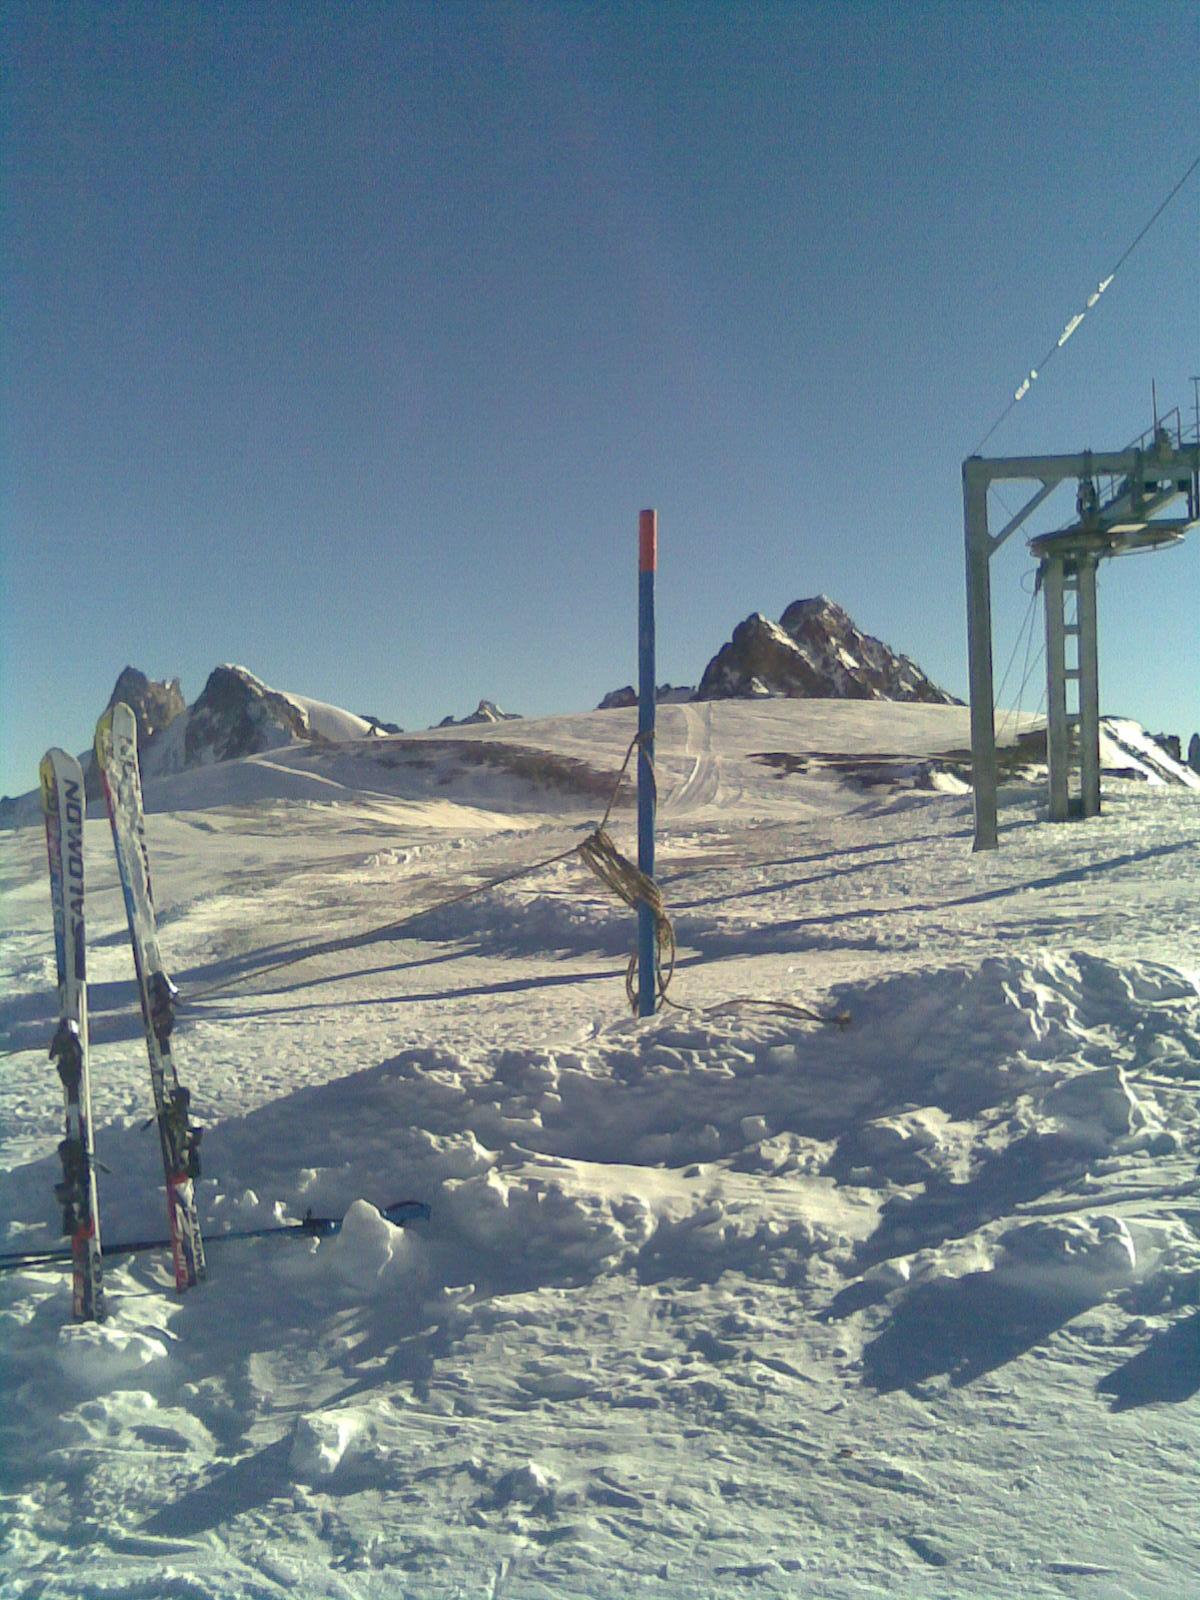 Top of the glacier, Les Deux Alpes